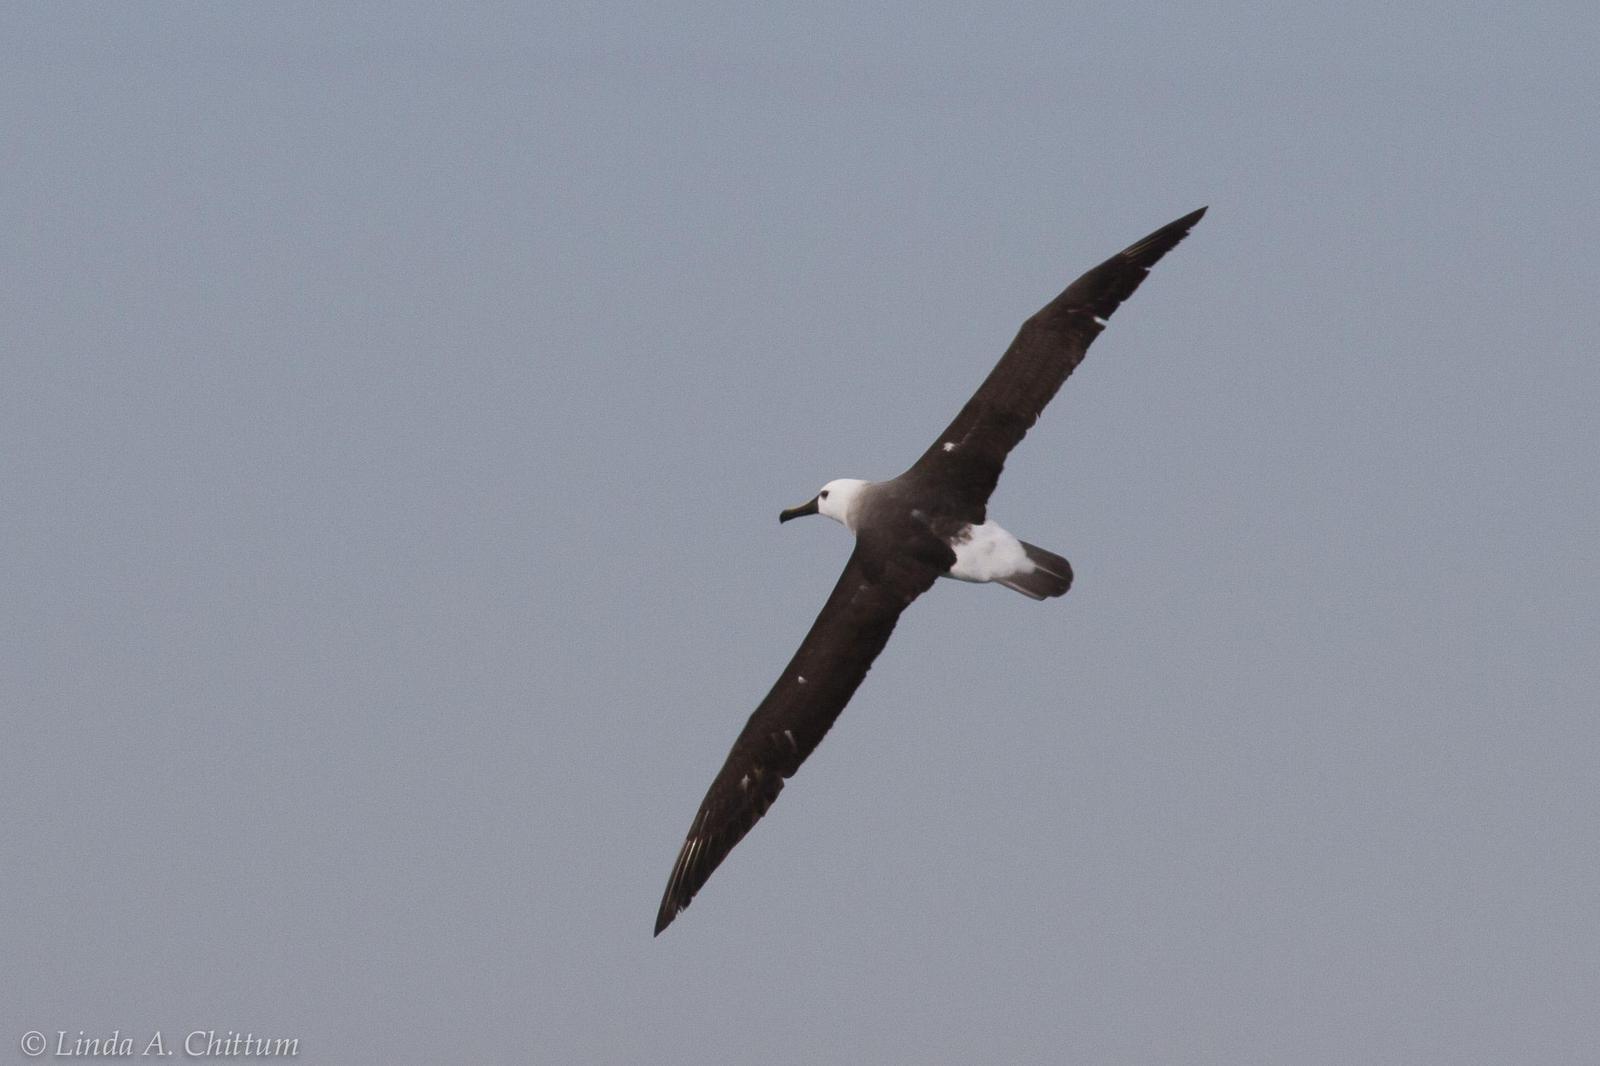 Yellow-nosed Albatross (Atlantic) Photo by Linda Chittum